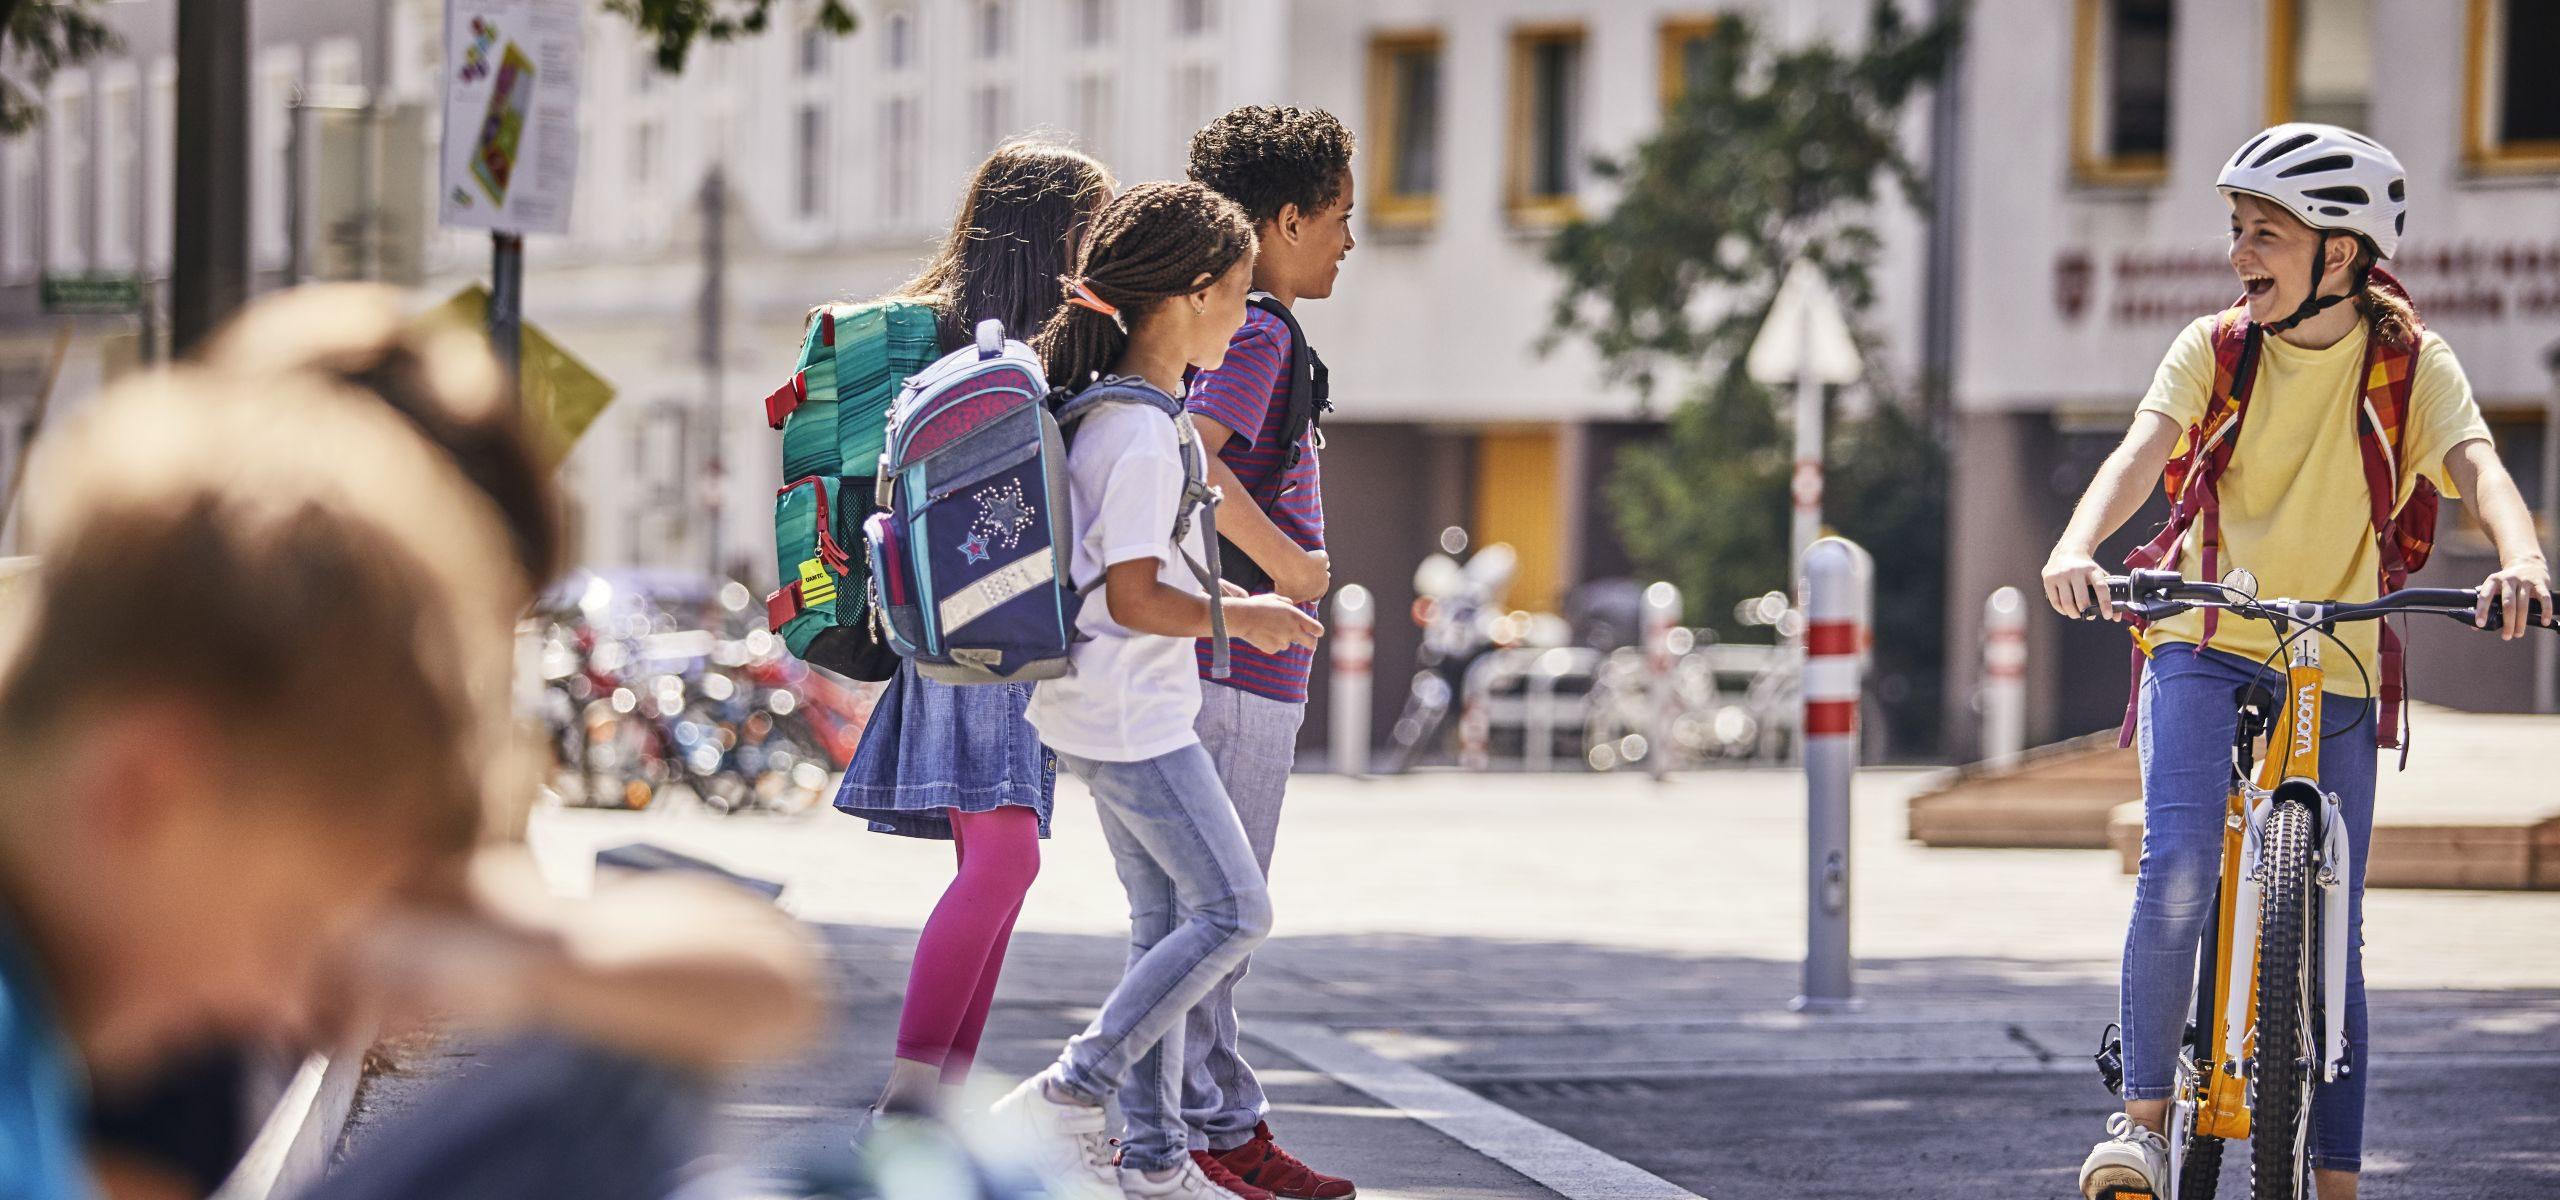 Kinder auf dem Schulweg: zu Fuß und mit dem Rad.